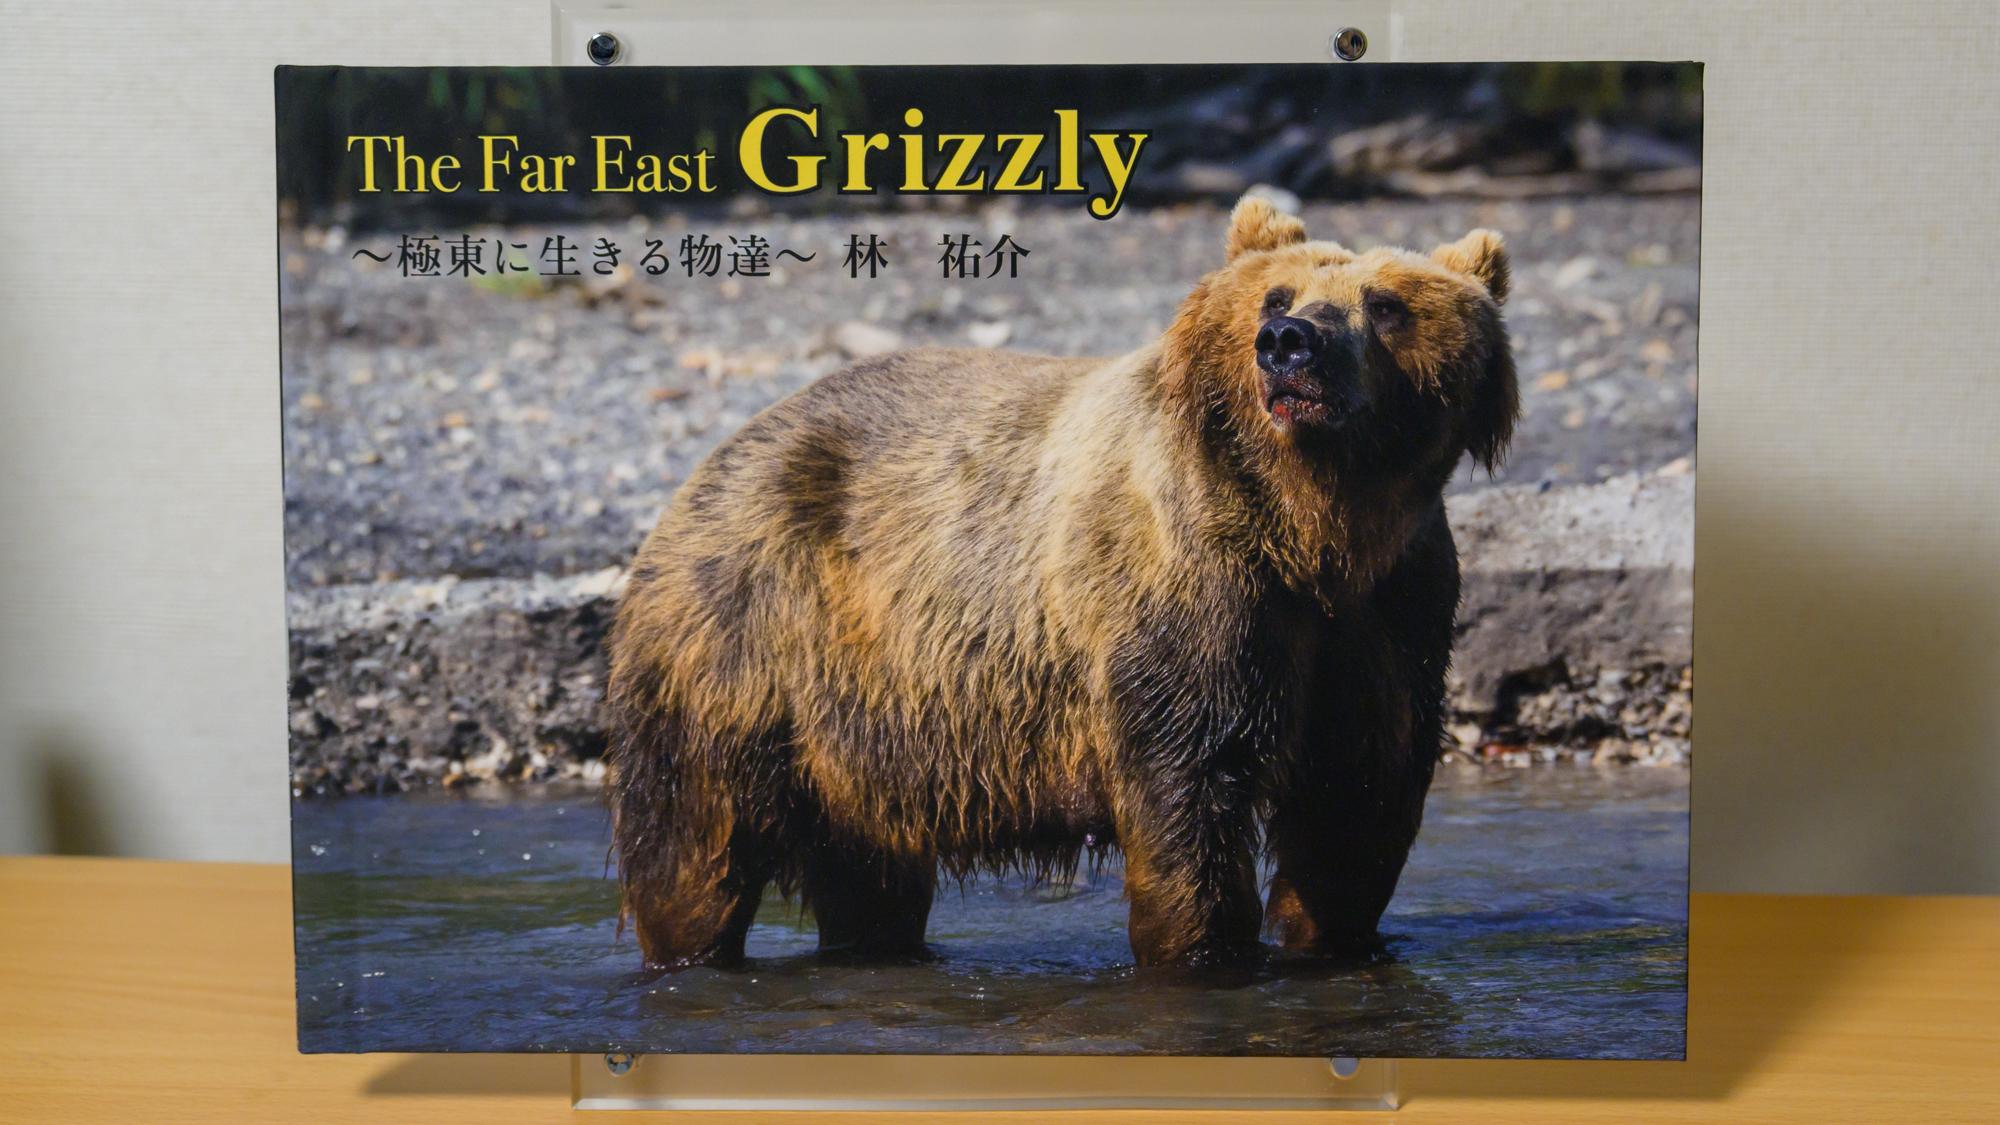 林 祐介 写真集 Tha Far East Grizzly